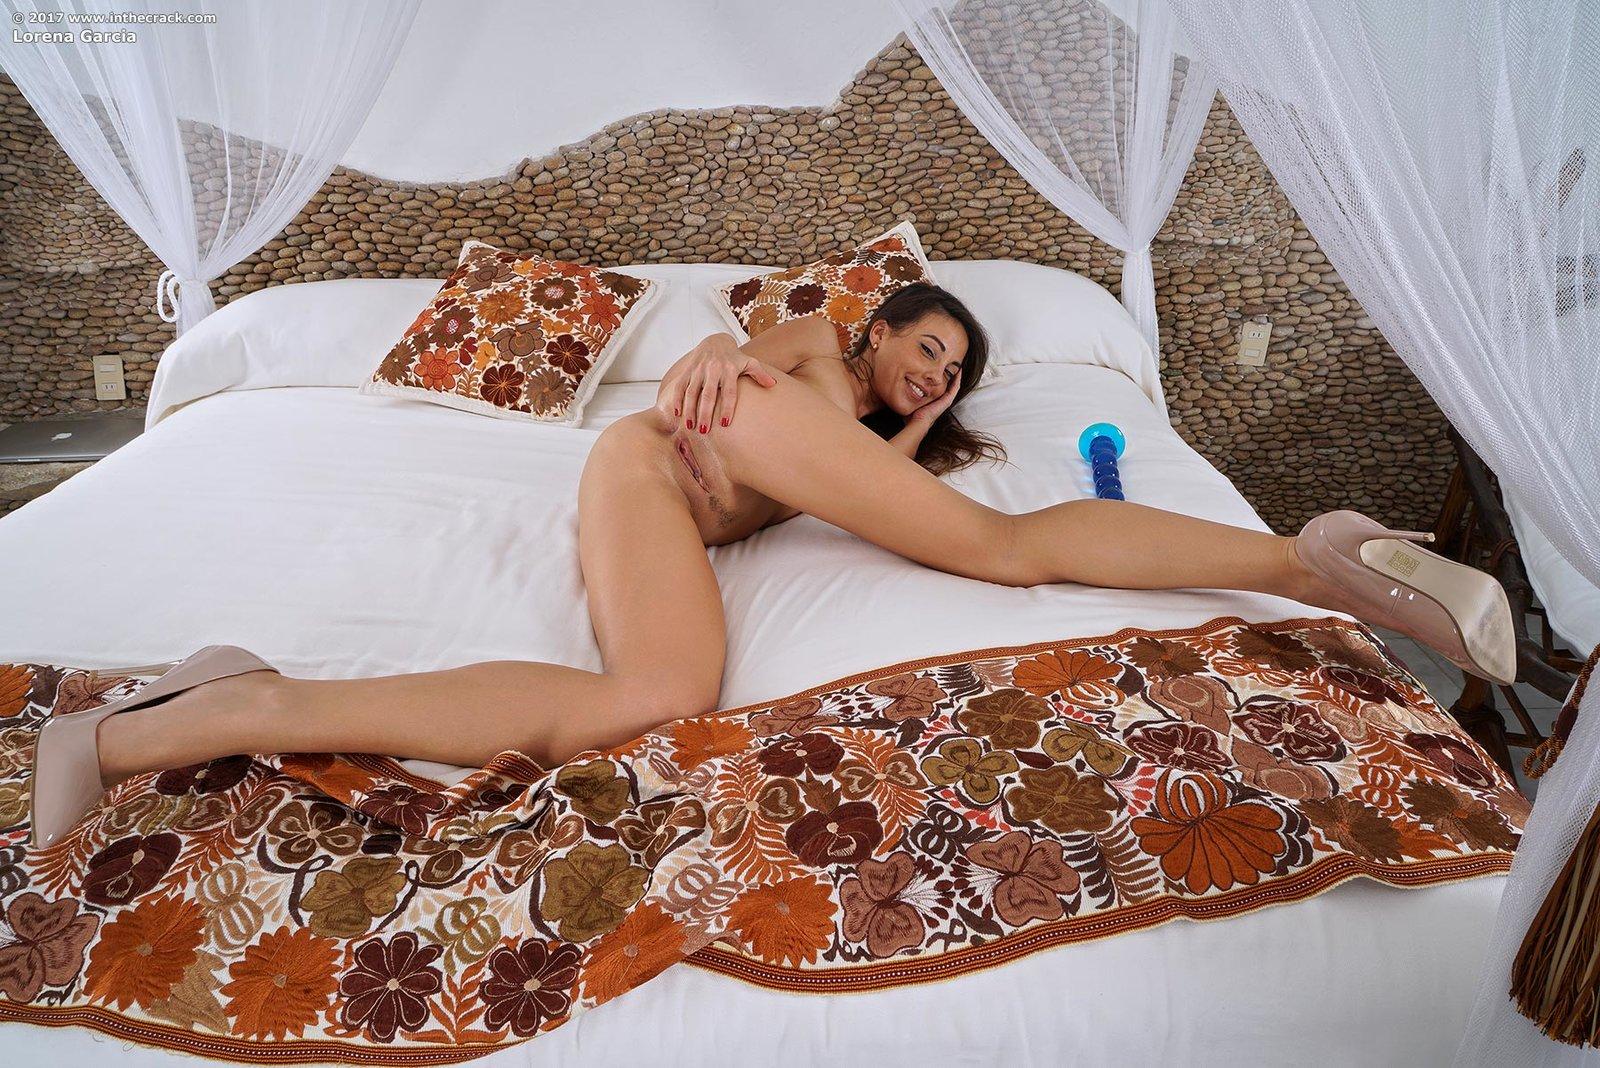 Zdjęcie porno - 121 - Zgrabna w wysokich obcasach